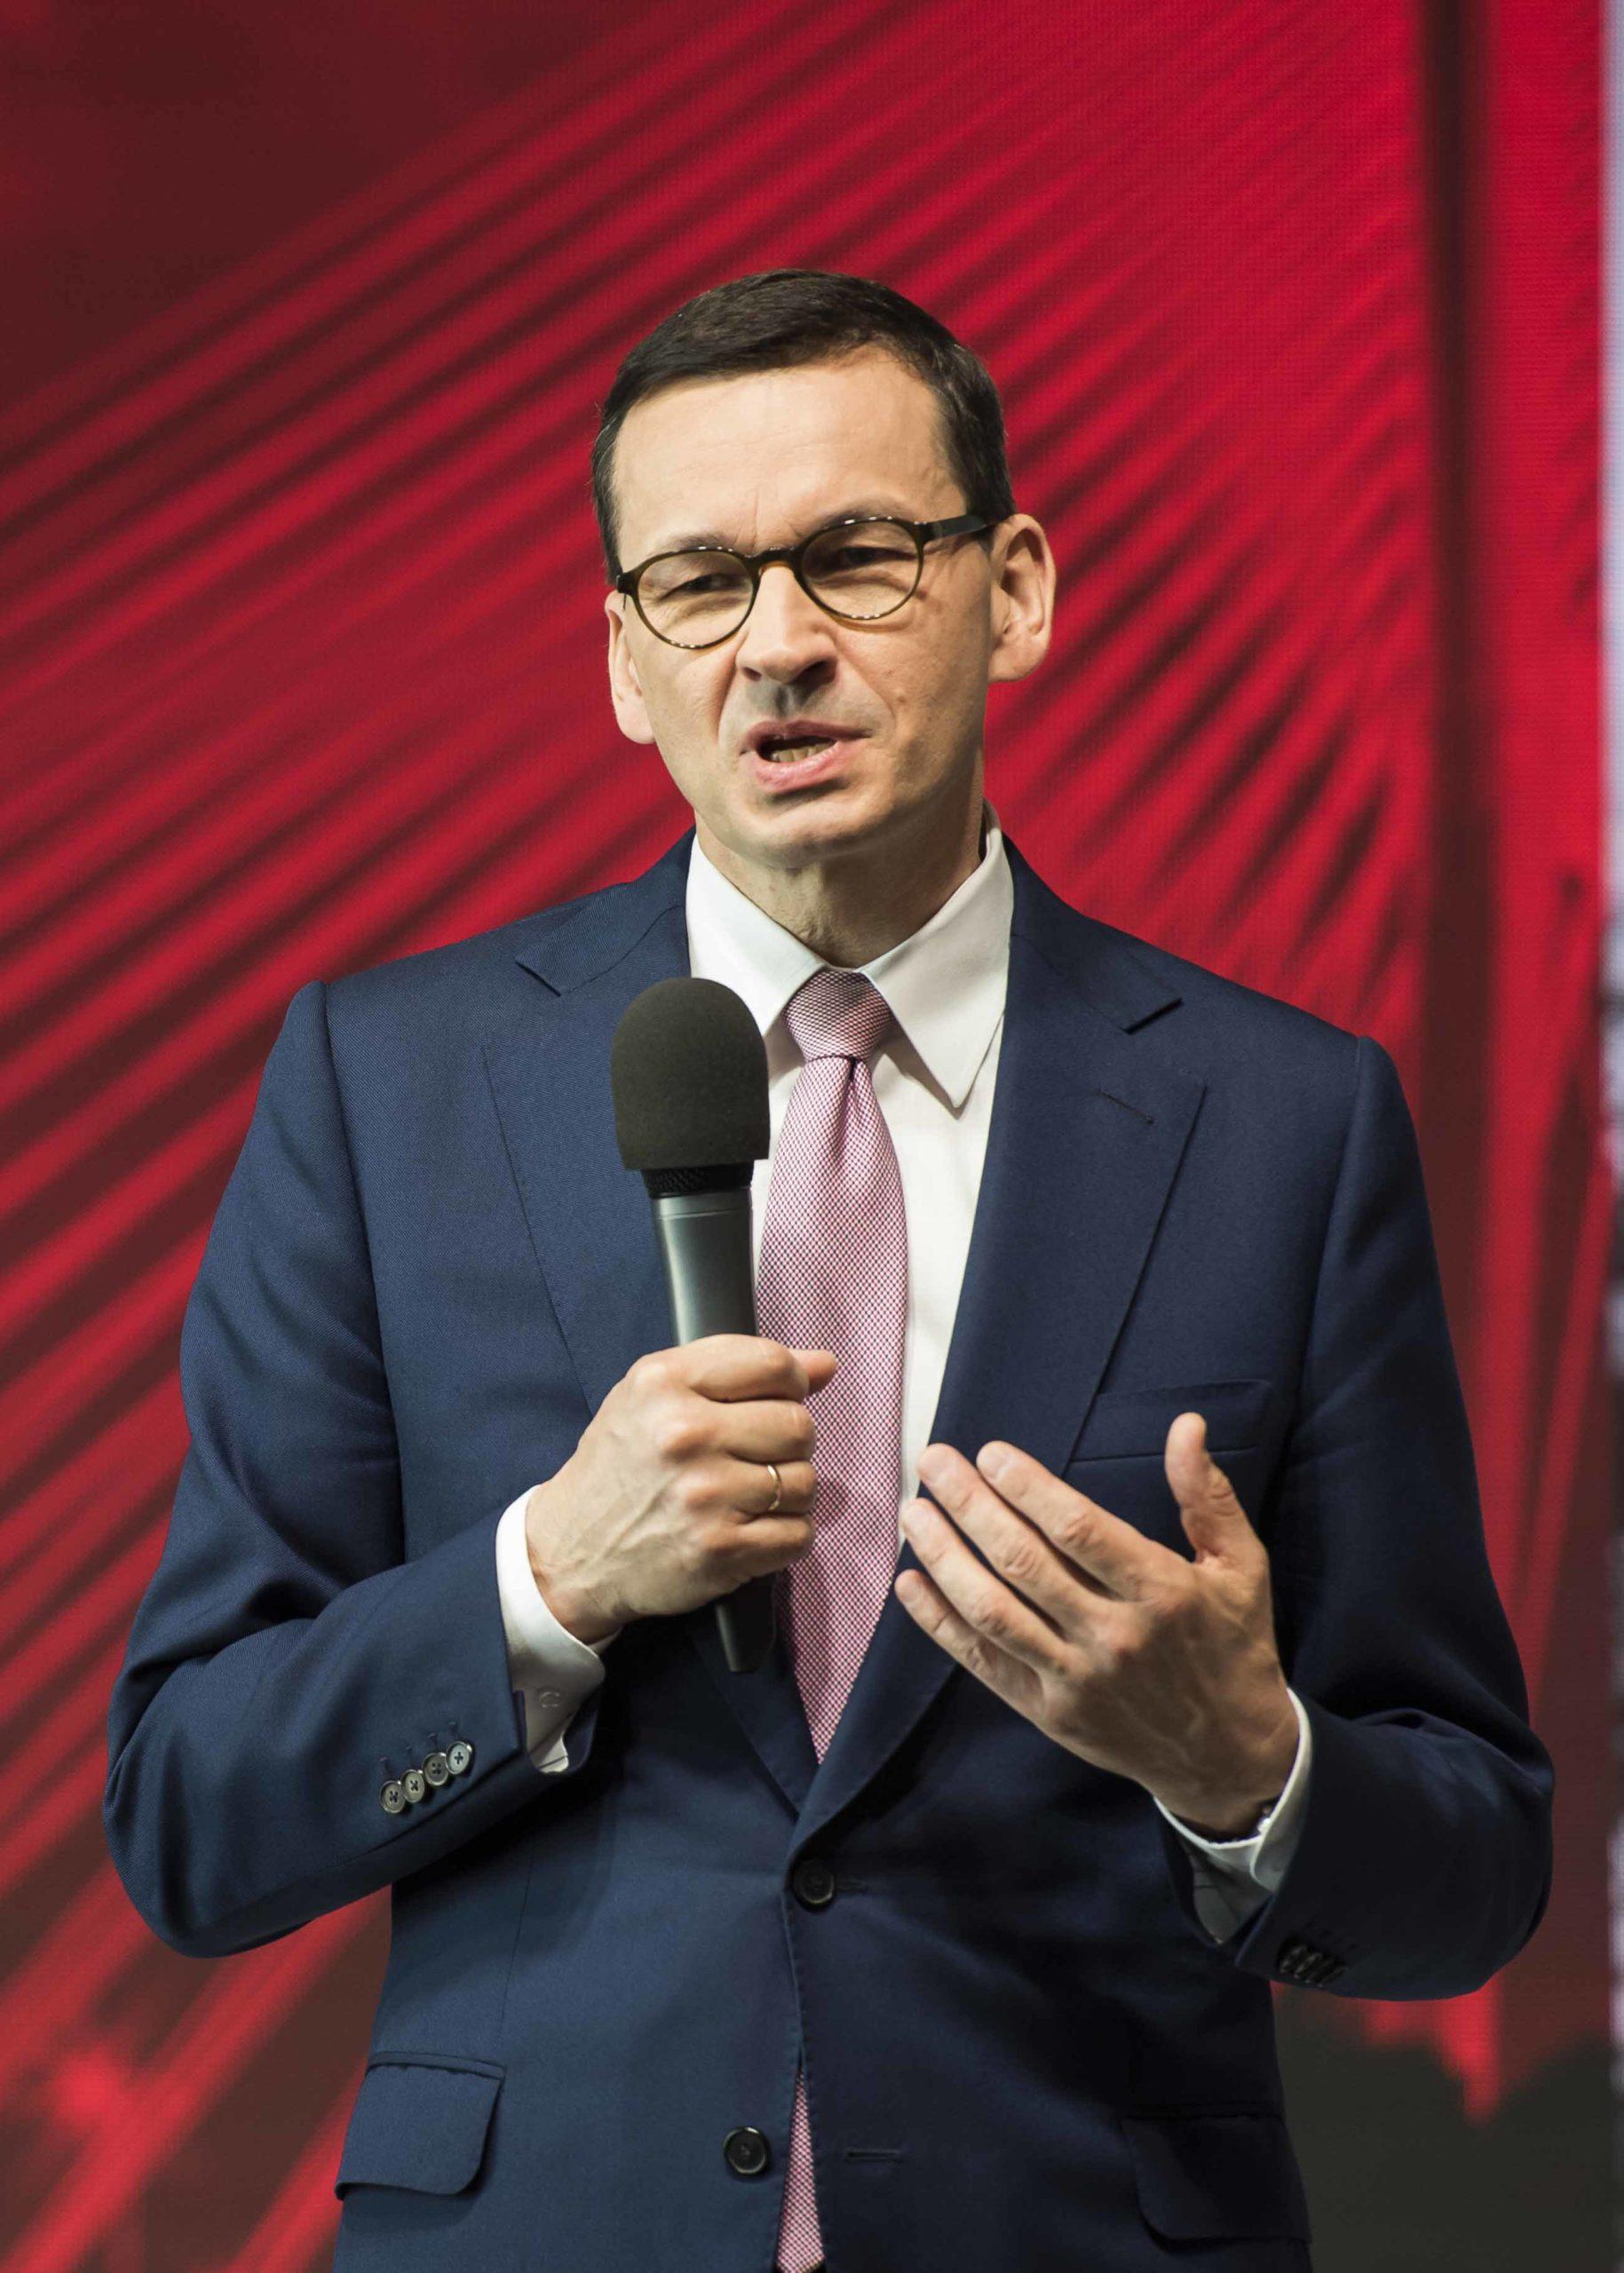 kongres Polska Wielki PROJEKTMateusz MorawieckiIX Kongres Polska Wielki Projekt